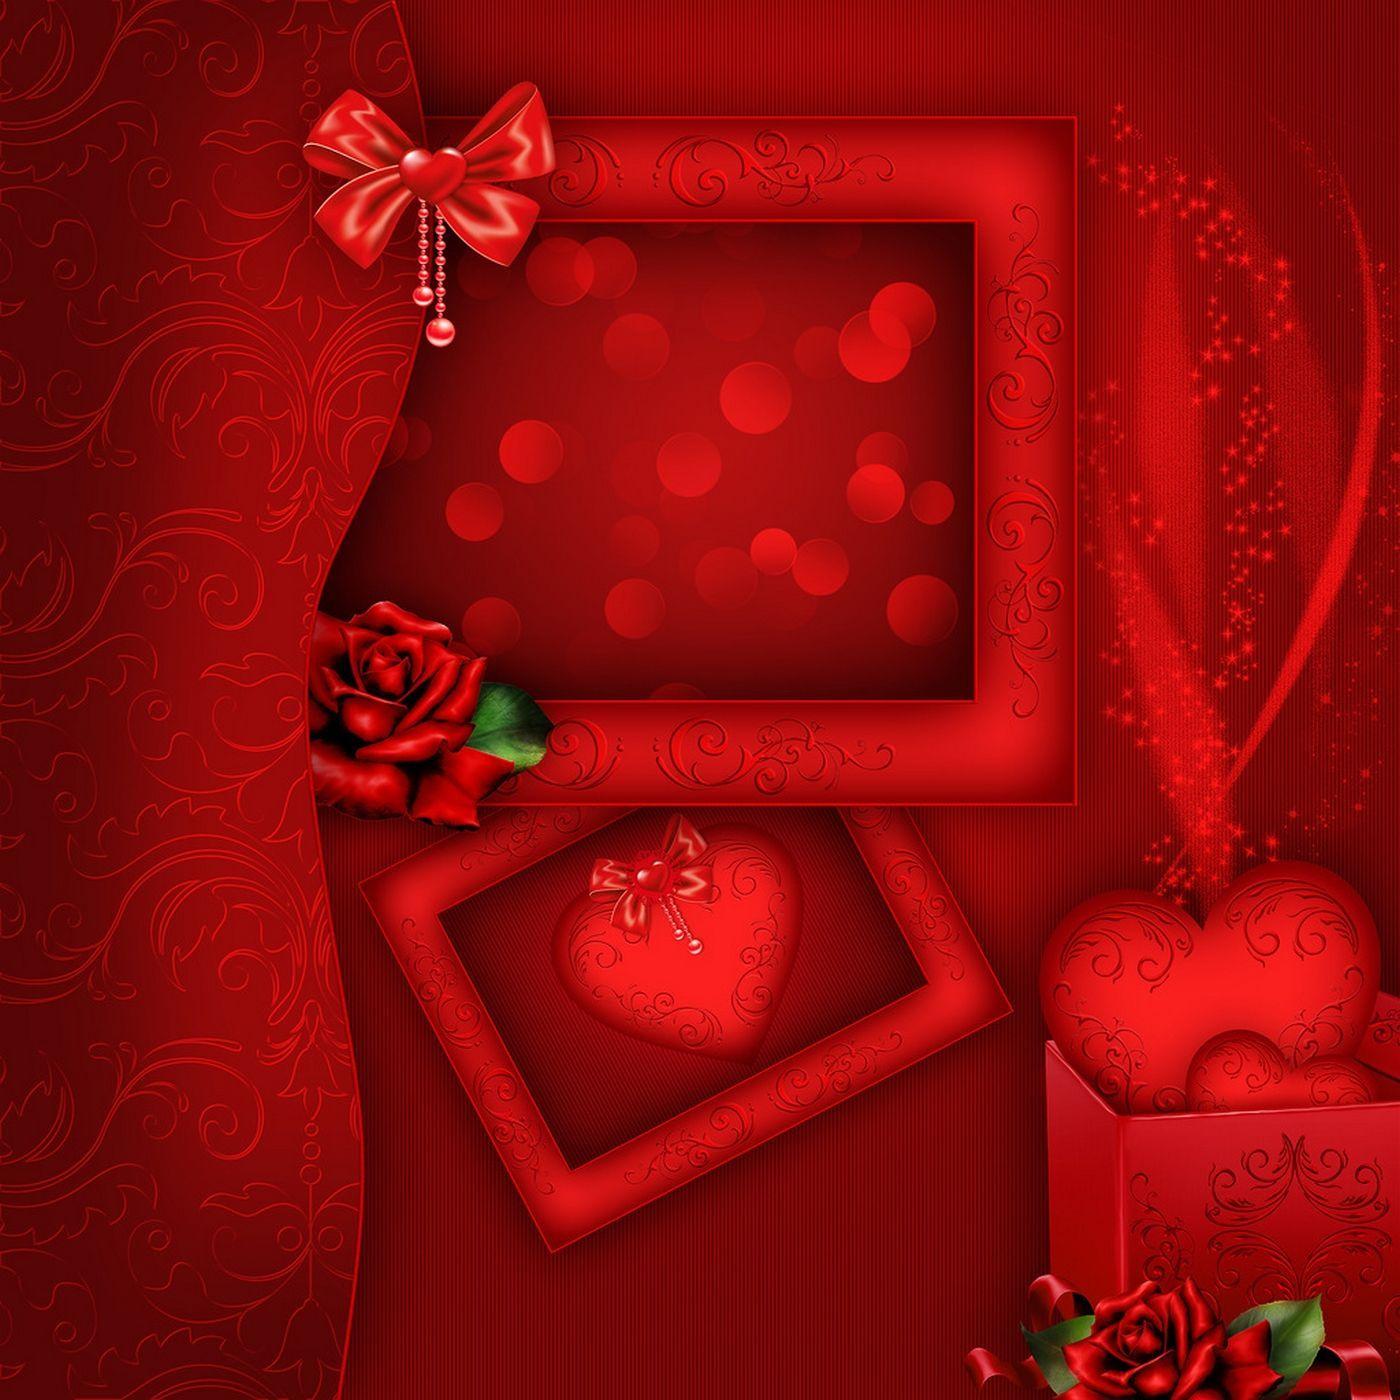 St valentin fonds pour creas for Image pour fond